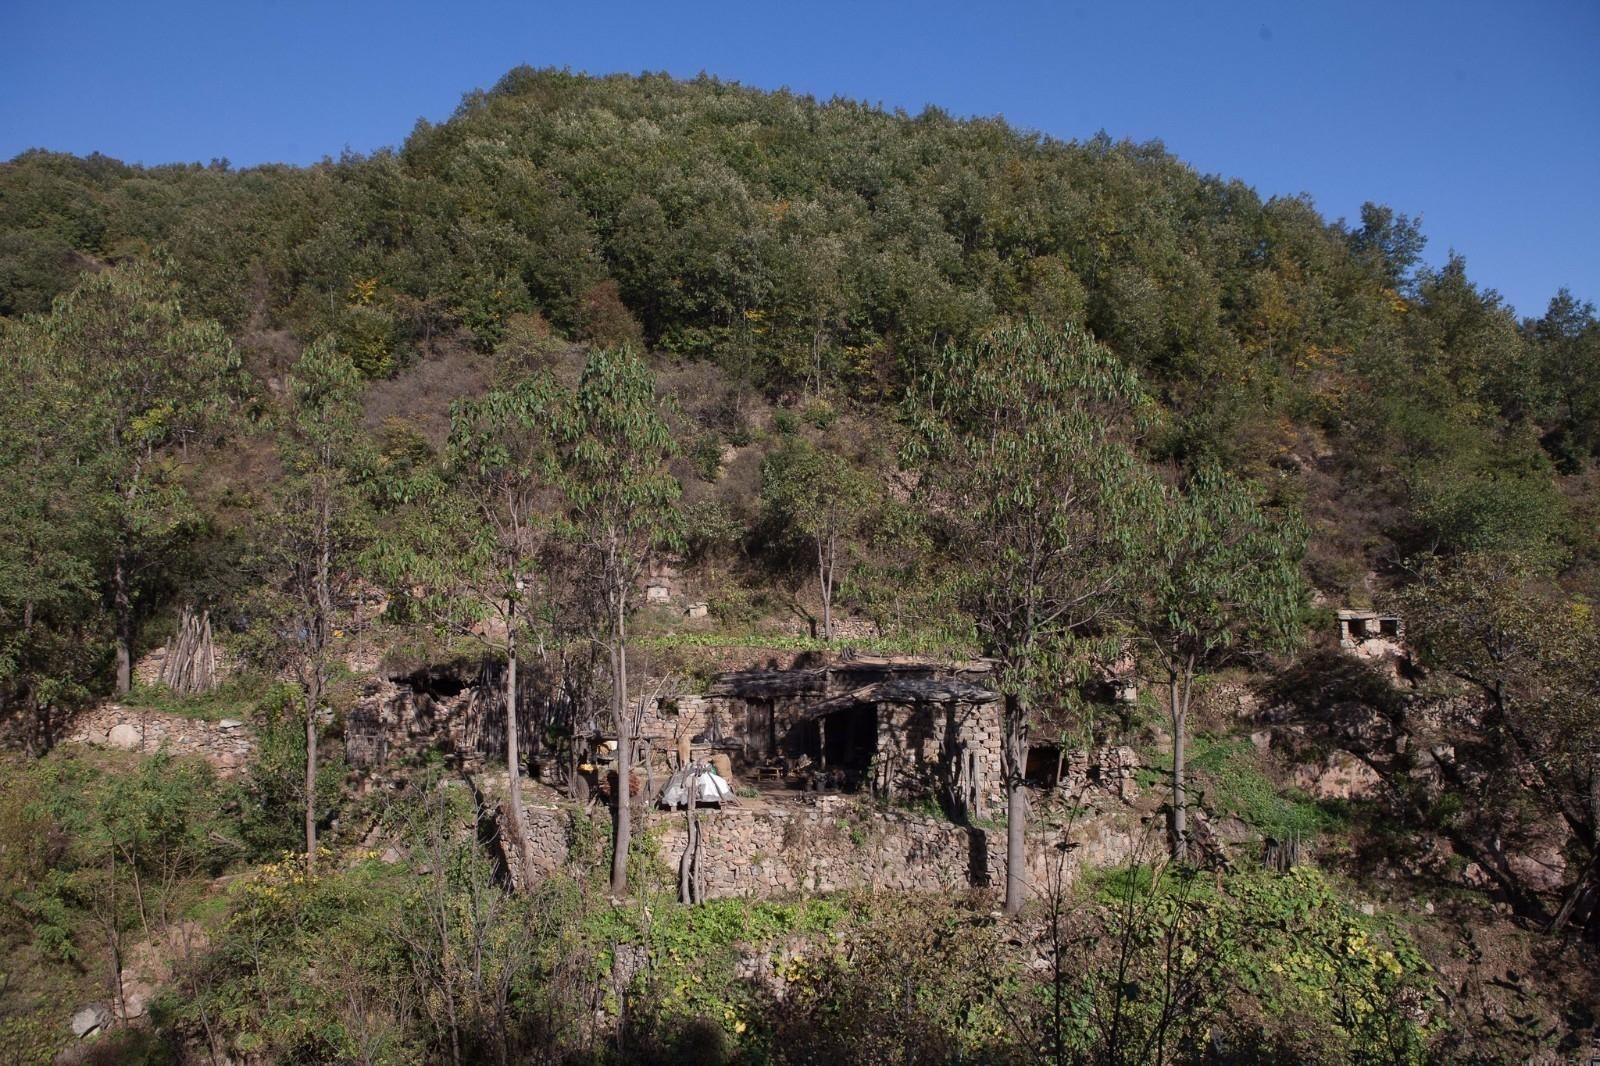 太行山两男子占山为王,隐居60年,悬崖边修房子成现实版山大王